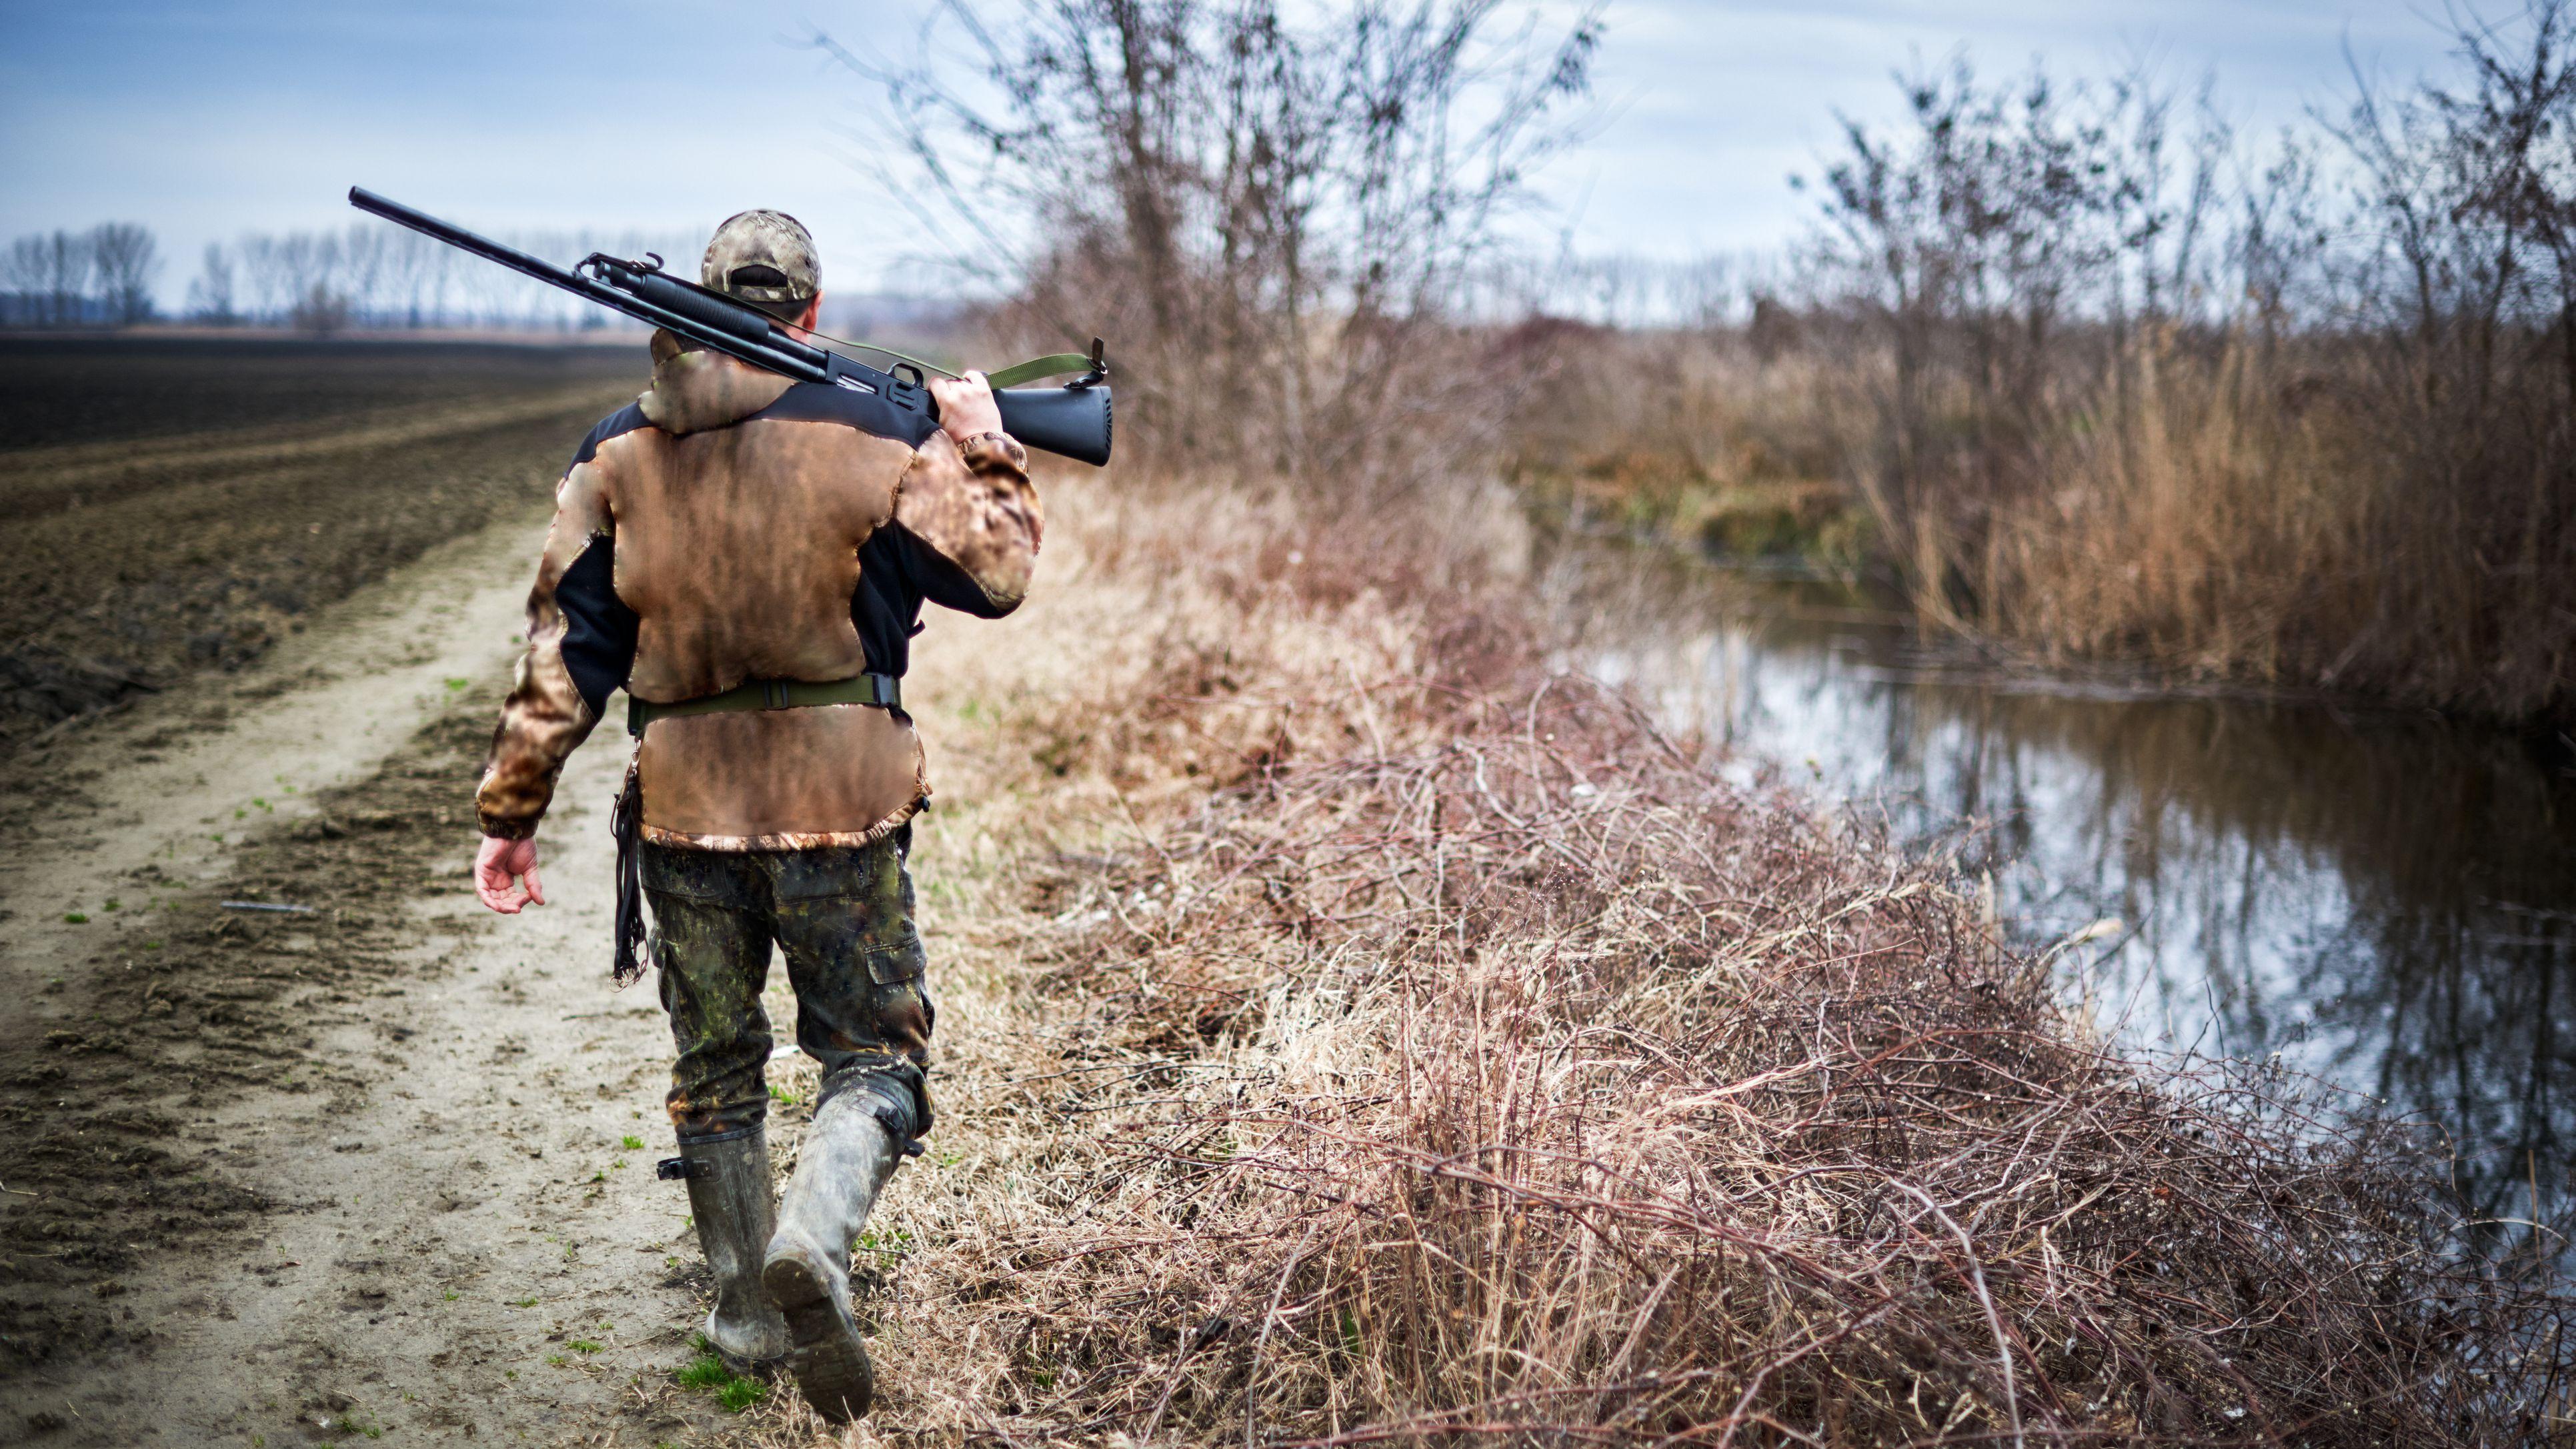 Što sve vole muškarci, prikaži slikom - Page 24 Hunter-with-rifle-628408440-589791a73df78caebc058906